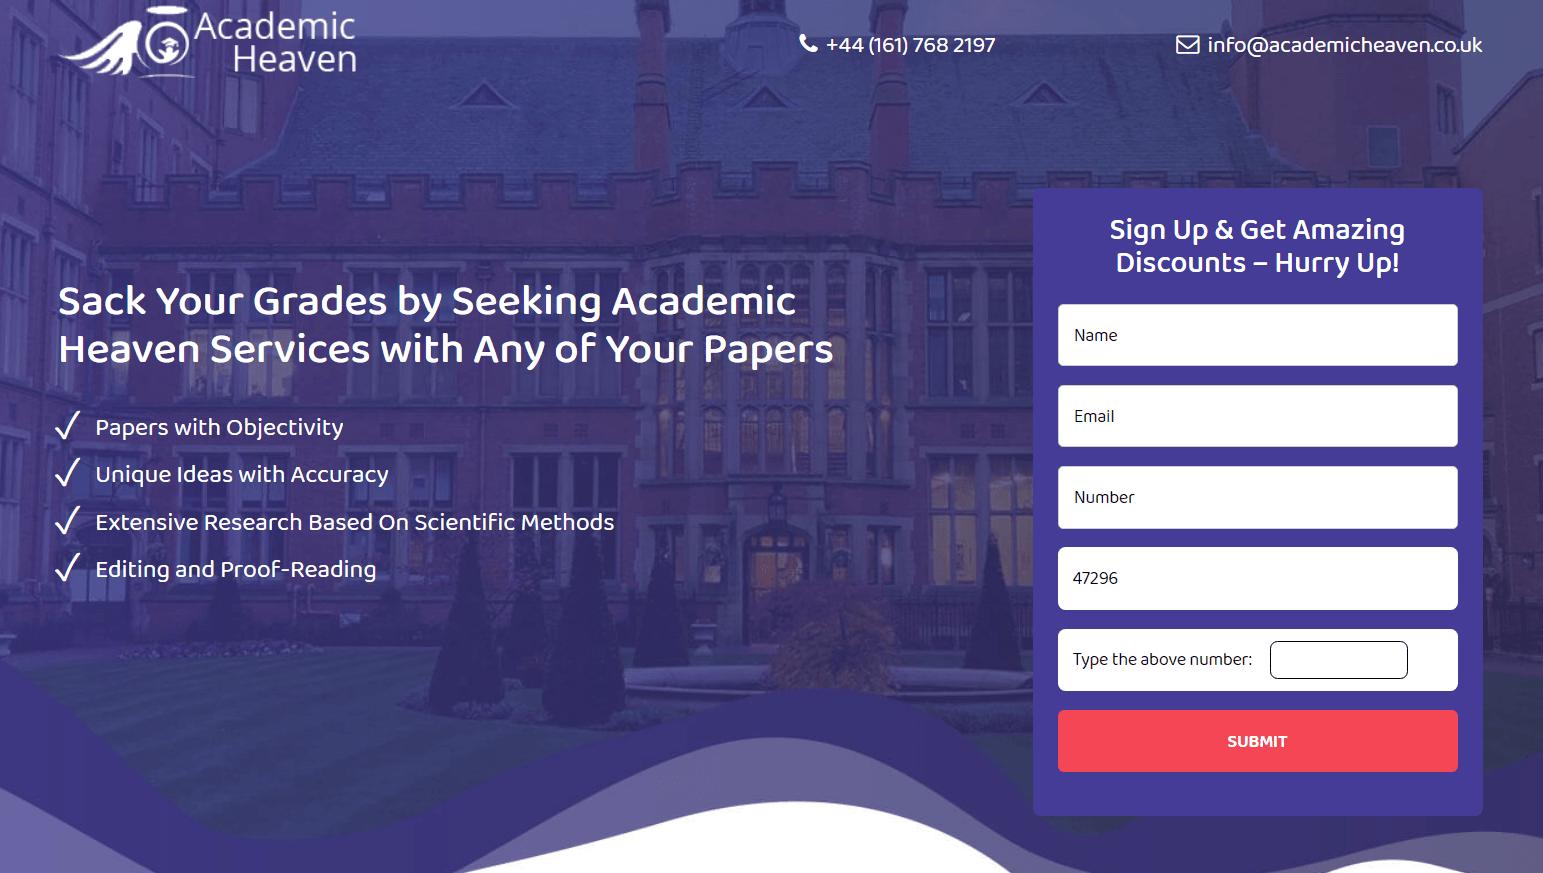 academicheaven.co.uk